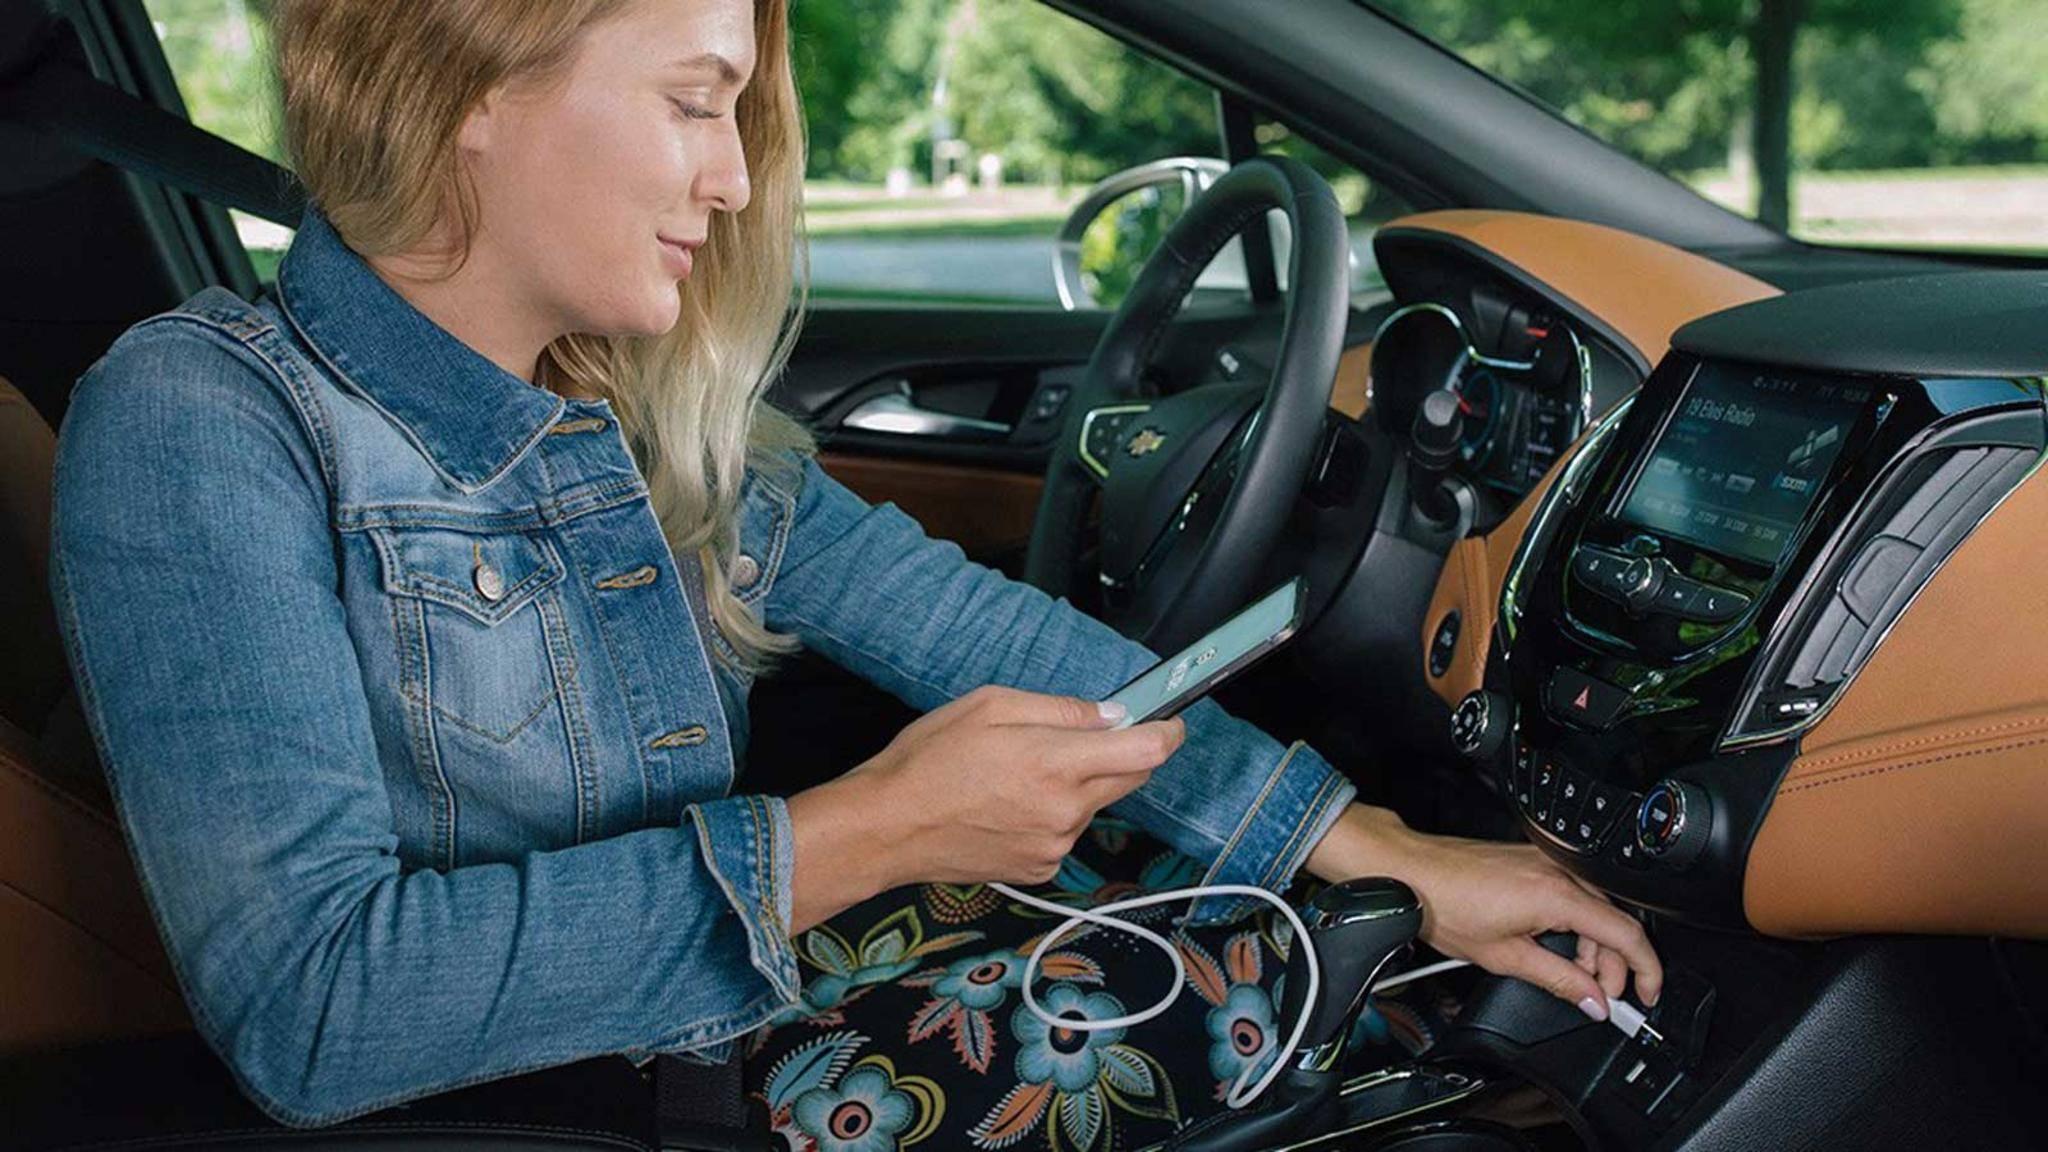 Mit der Navigations-App Waze hat man viele Möglichkeiten, sein Ziel zu finden.